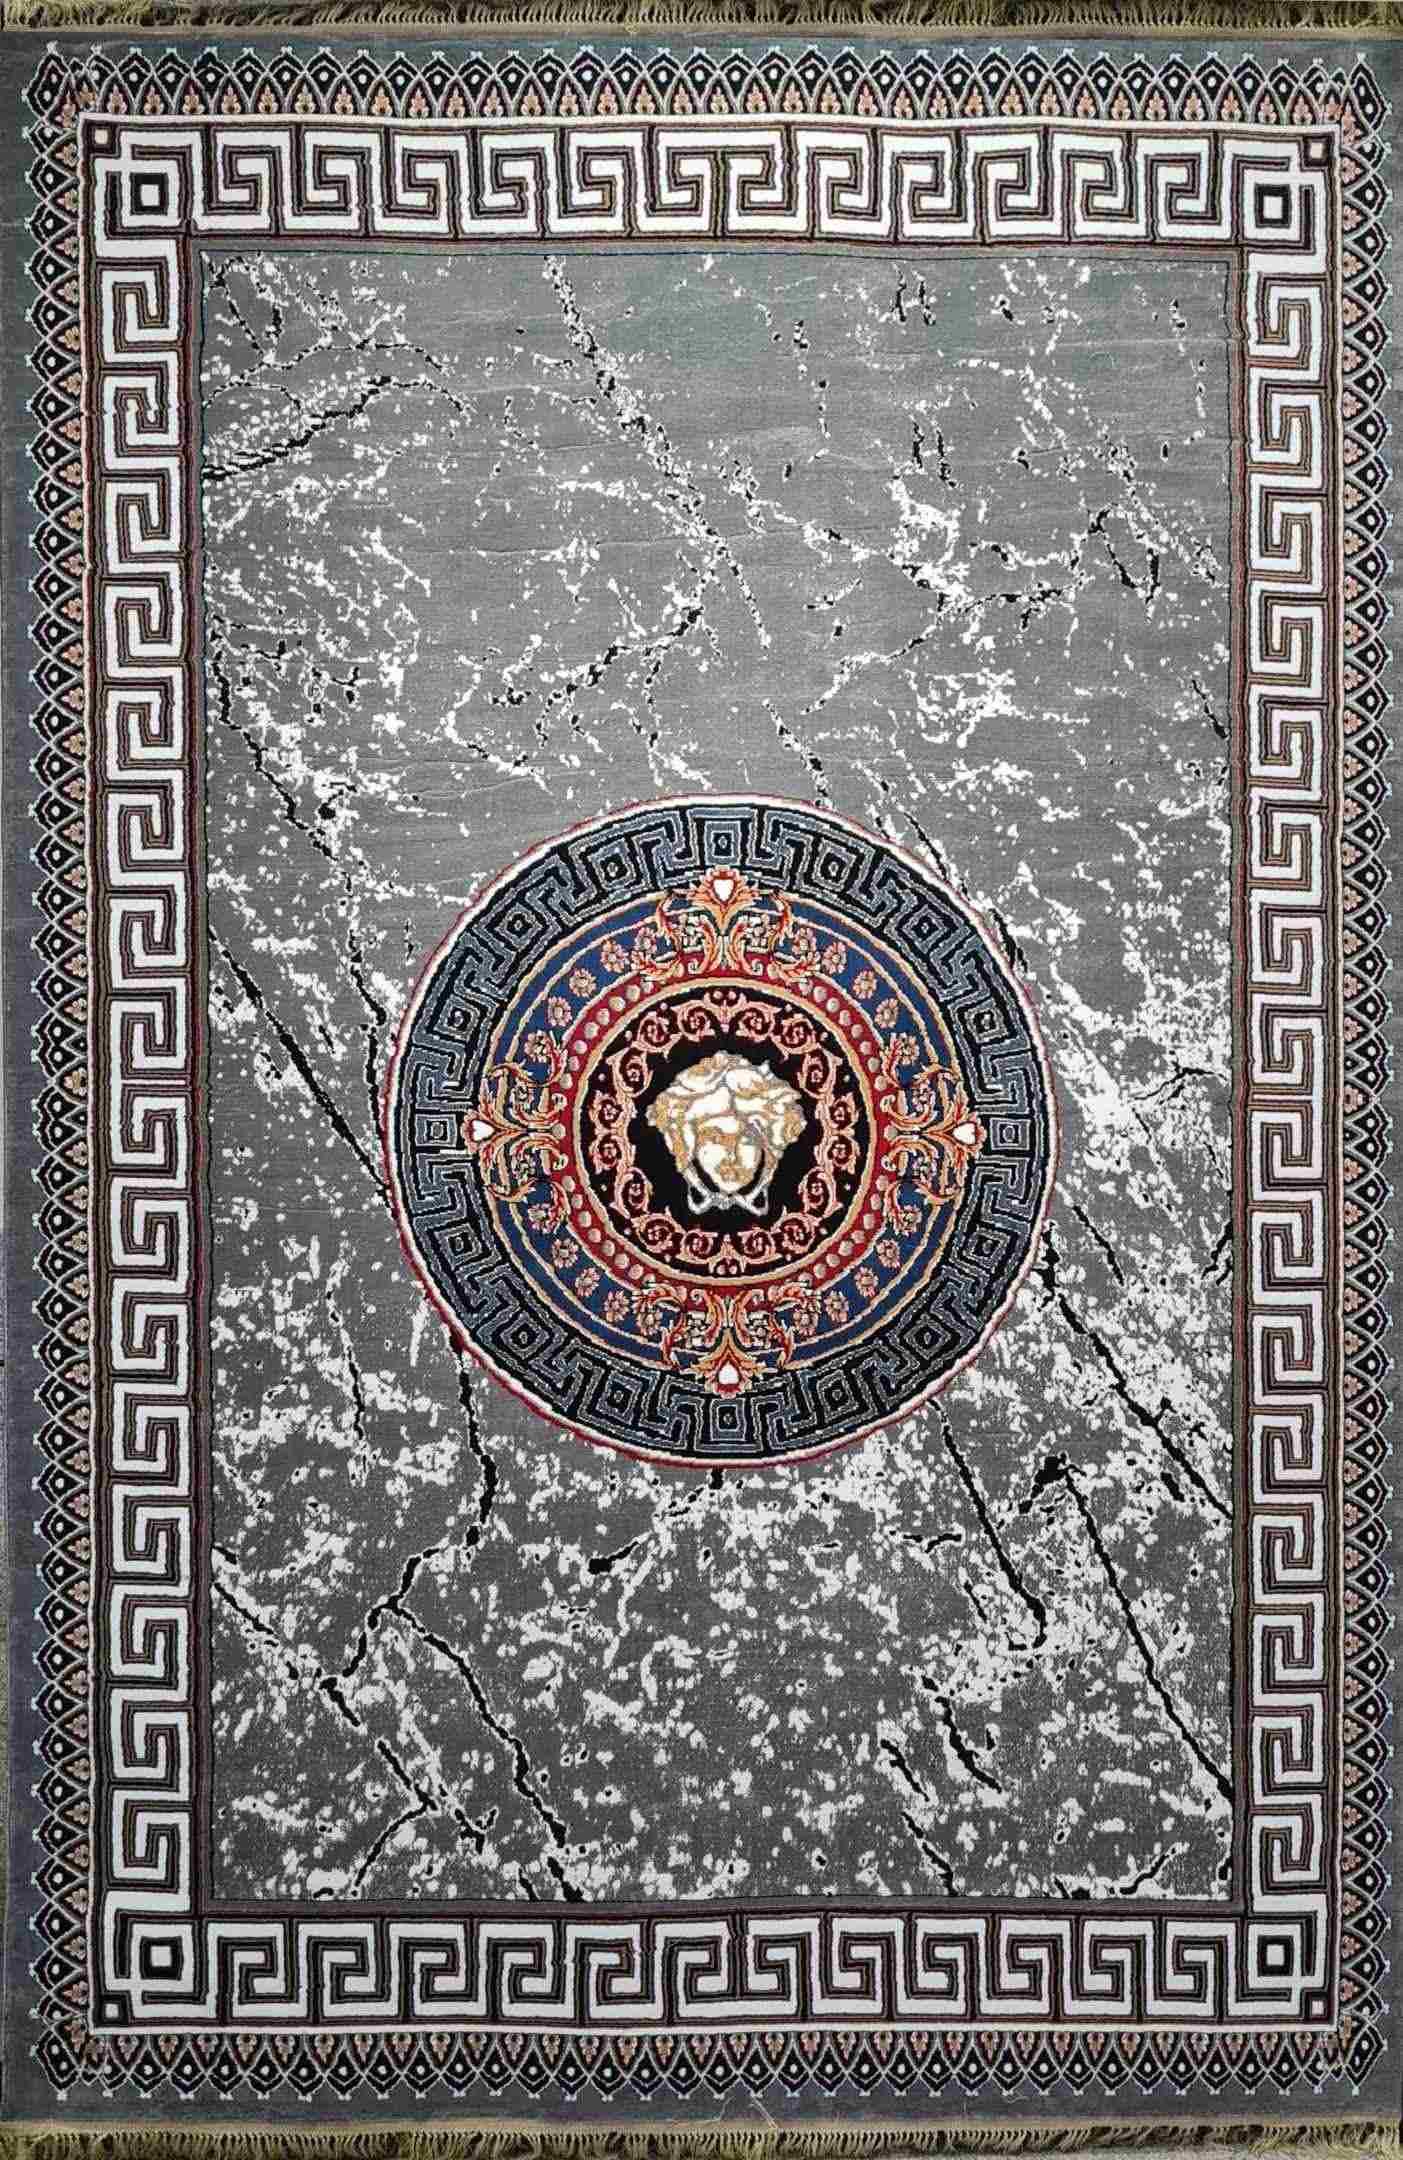 فرش 500 شانه پلی استر نقشه فانتزی فان رنگ فیلی